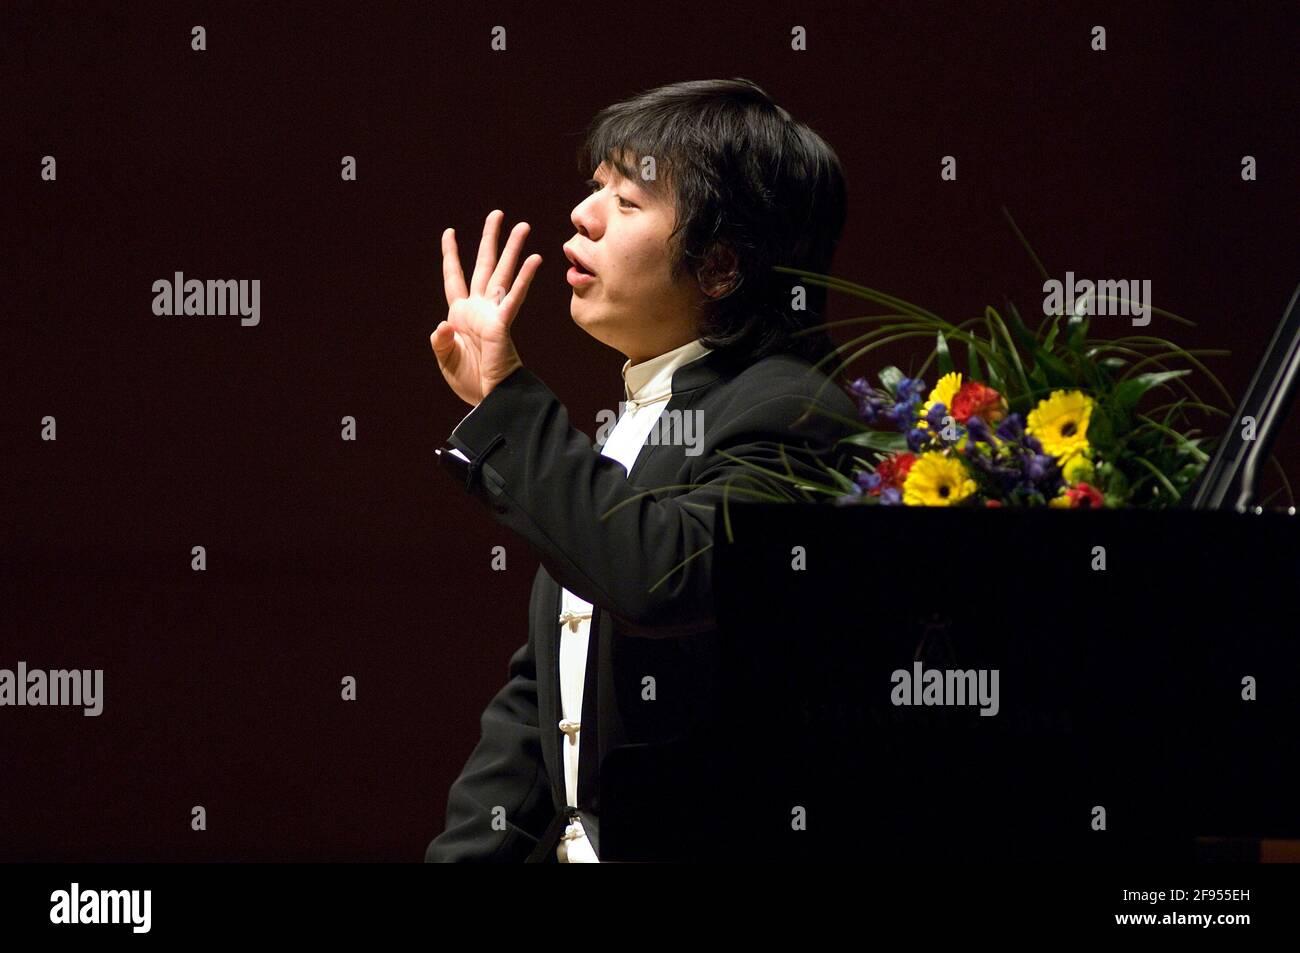 DEU, Deutschland, Ruhrgebiet, Essen, 10.02.2006: Der Pianist Lang Lang kommuniziert mit seinem Publikum bei seinem Konzert in der Philharmonie Essen. Stock Photo